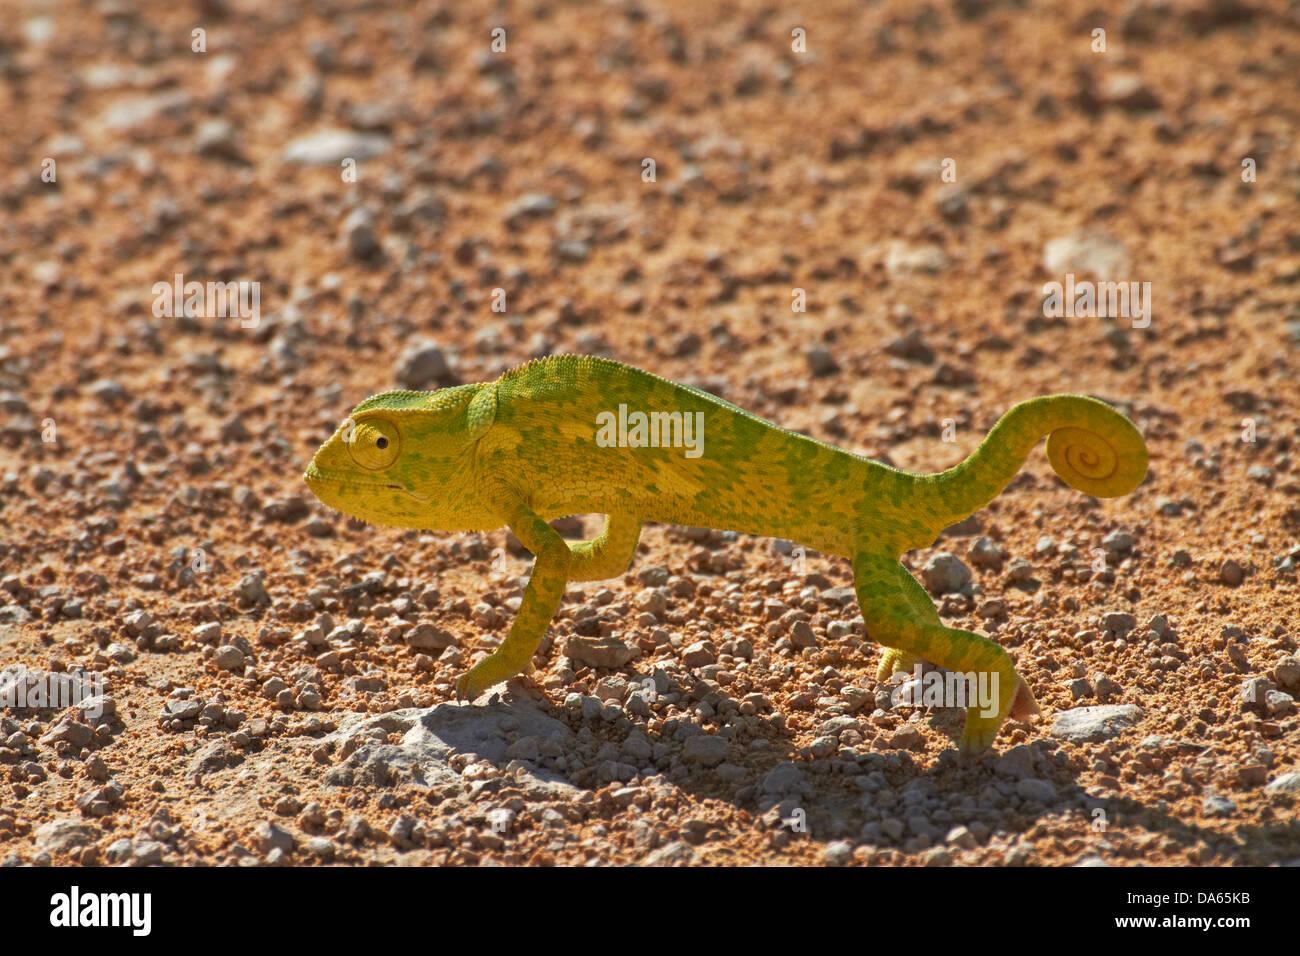 Chameleon, Etosha National Park, Namibia, Africa - Stock Image